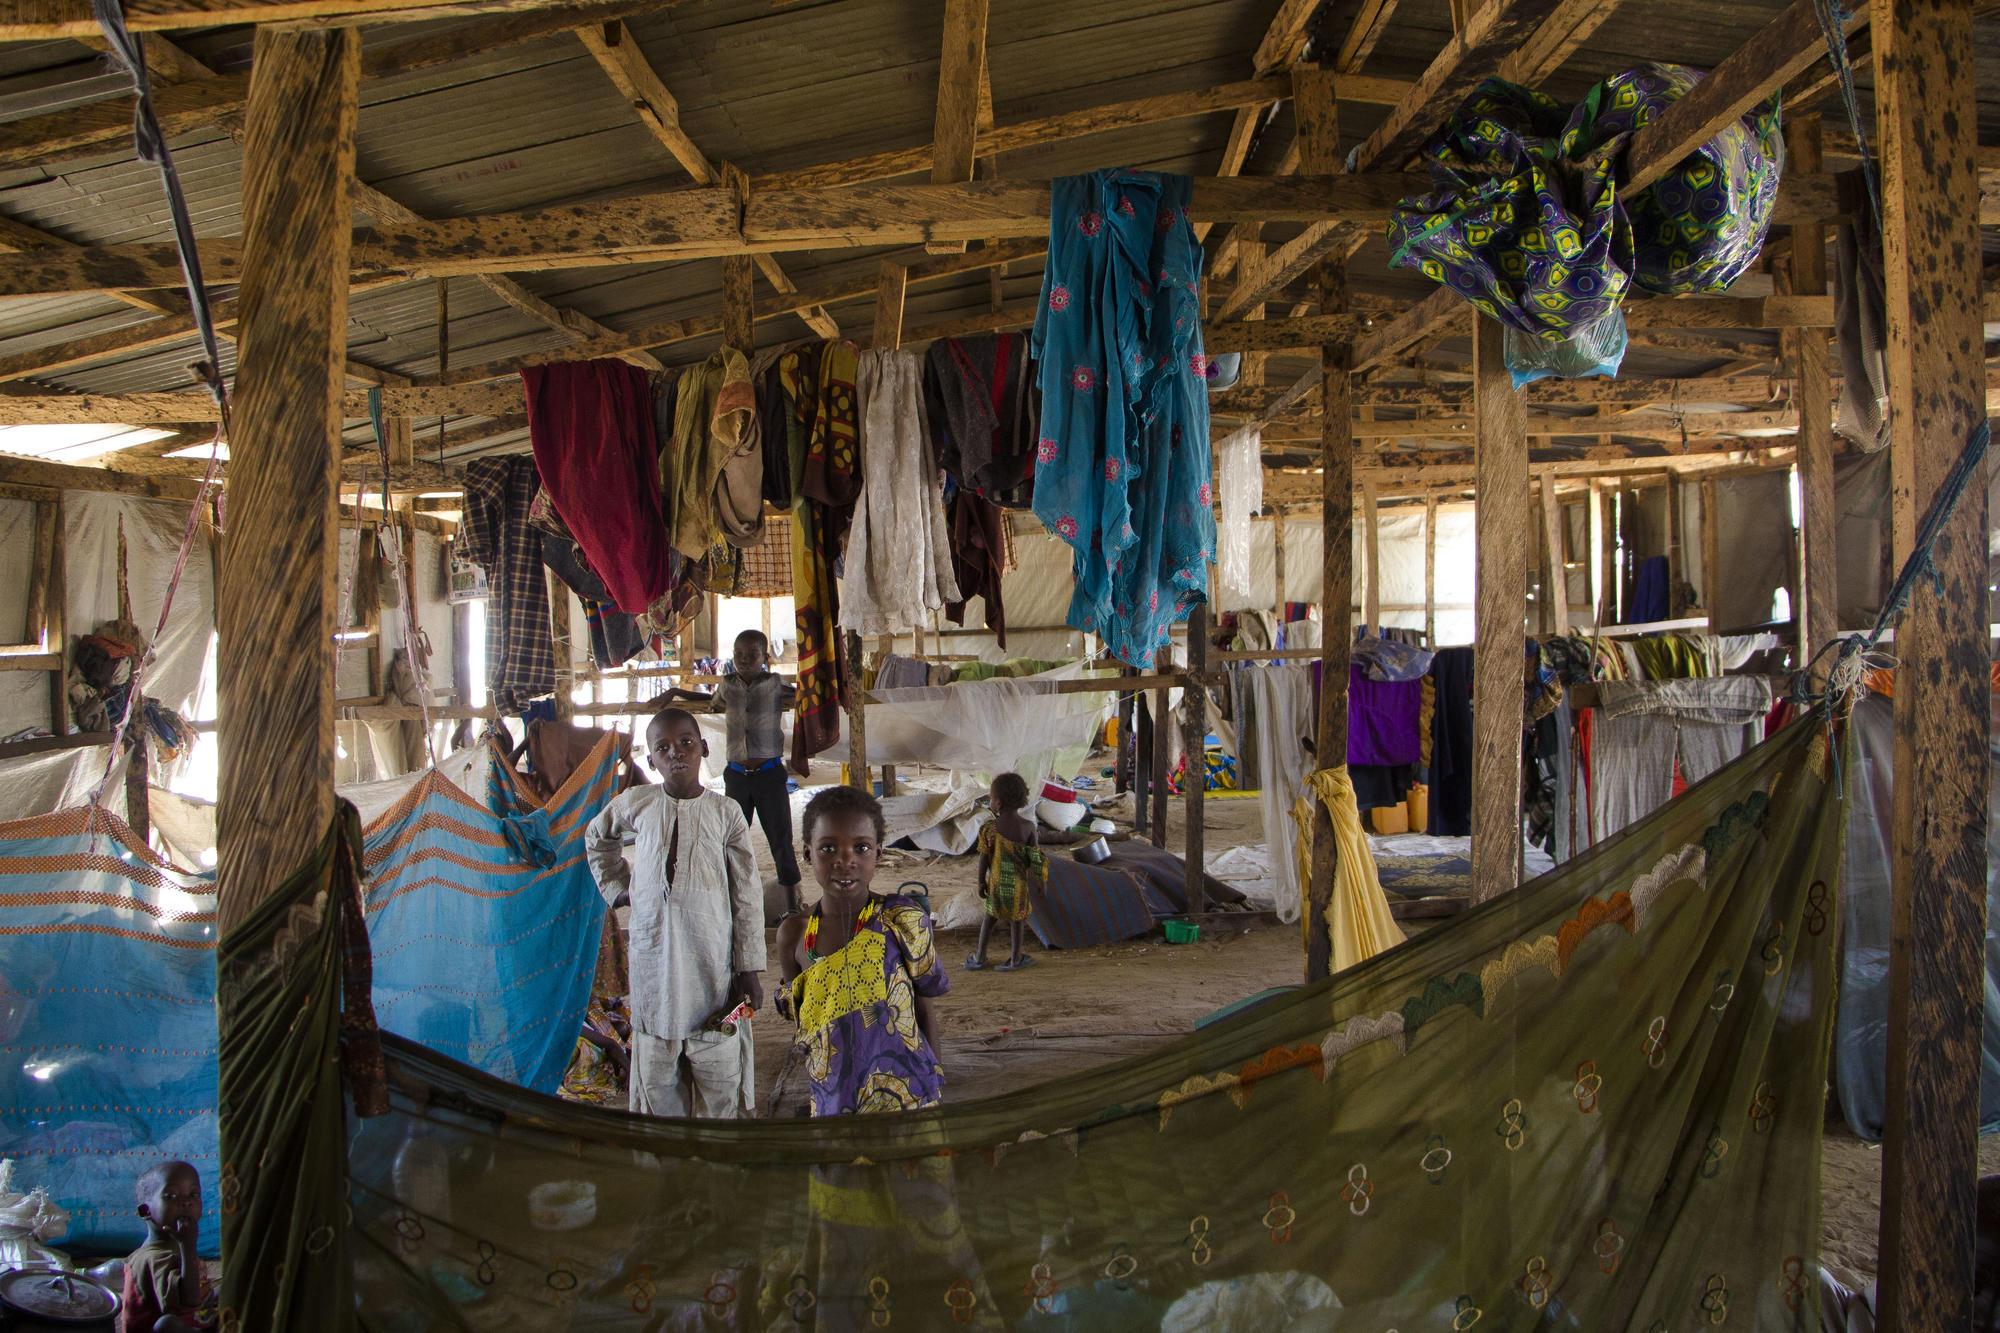 Nord-est du Nigeria : « Tout ce que j'ai au monde, ce sont les vêtements que je porte »